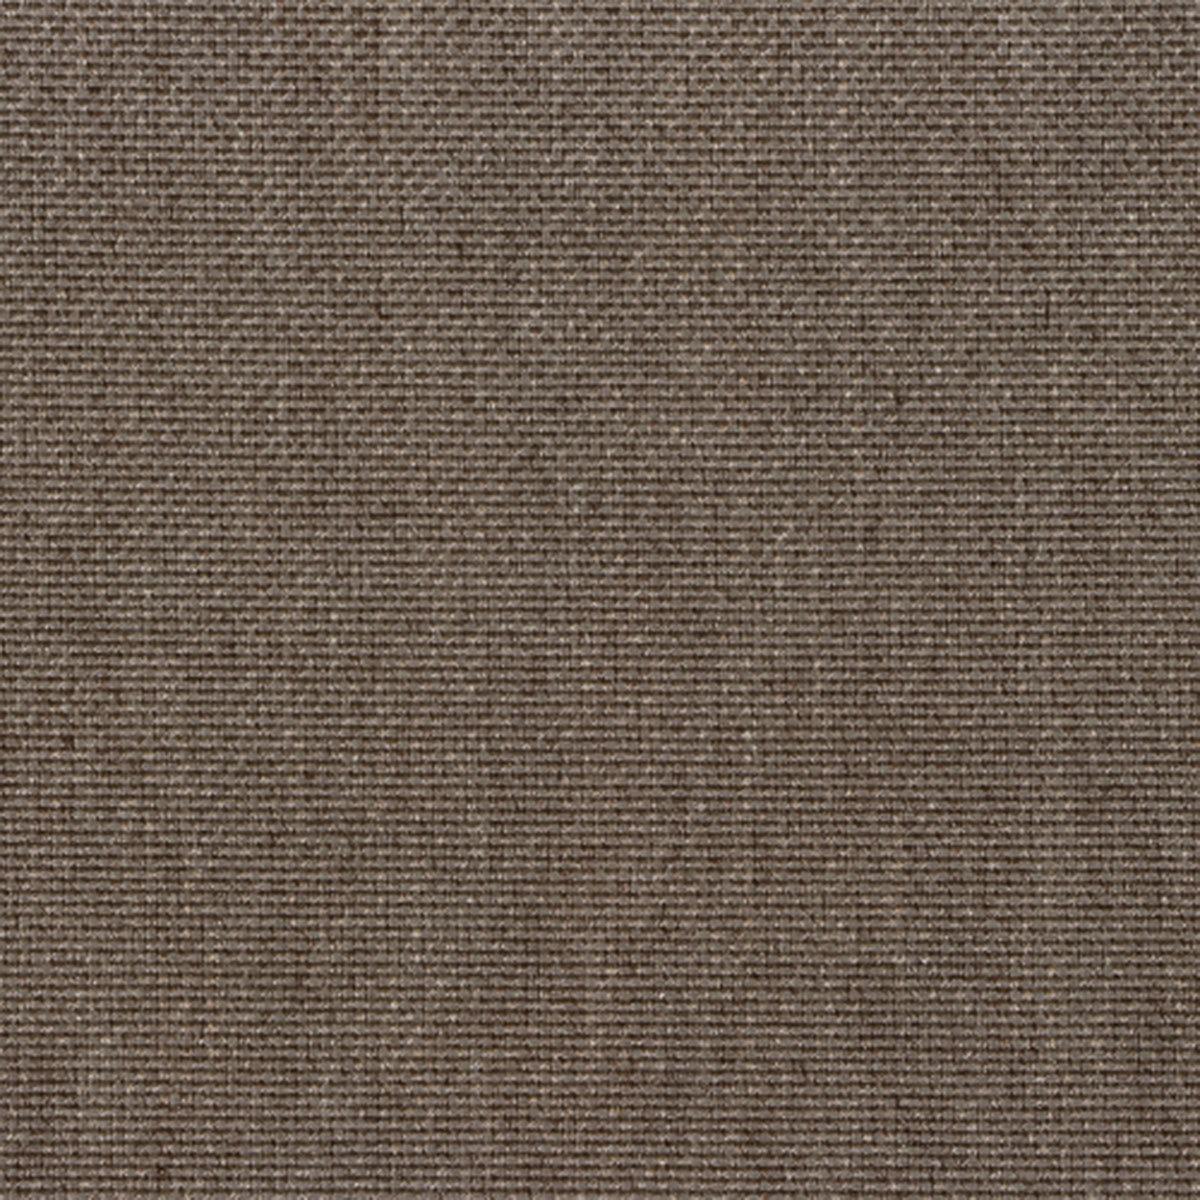 Sessel-Auflage Anka, taupe | #2